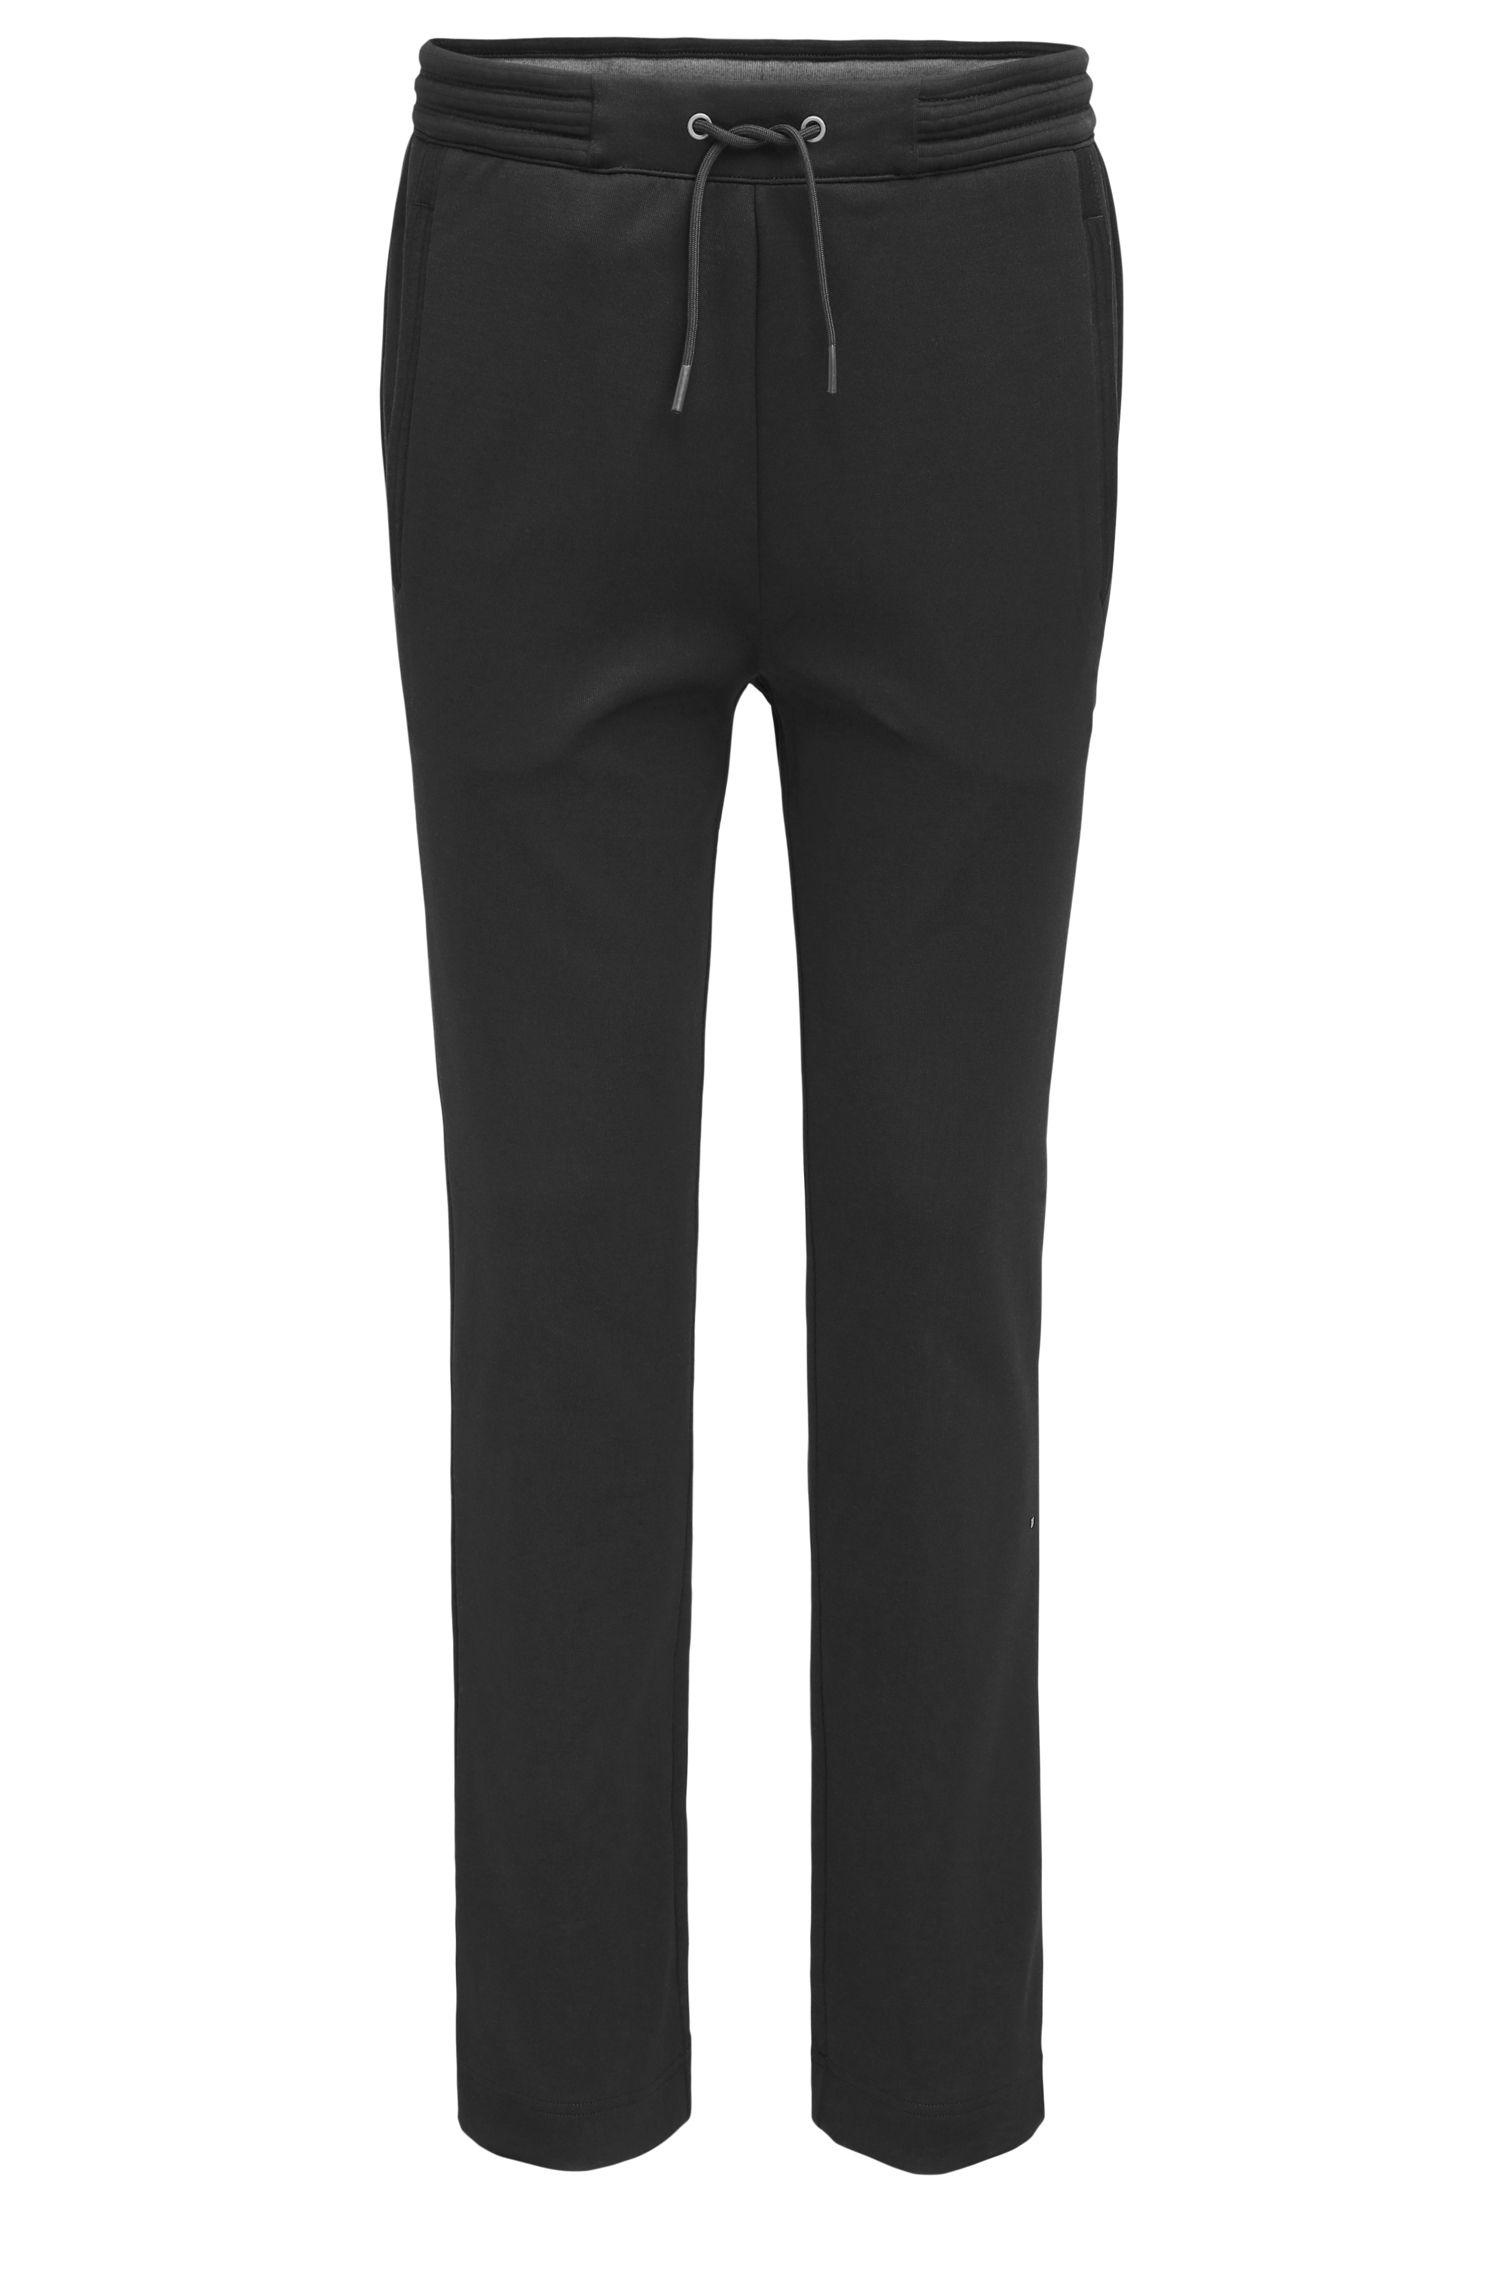 Pantalon en coton Regular Fit, aux finitions droites sans bordures au bas des jambes